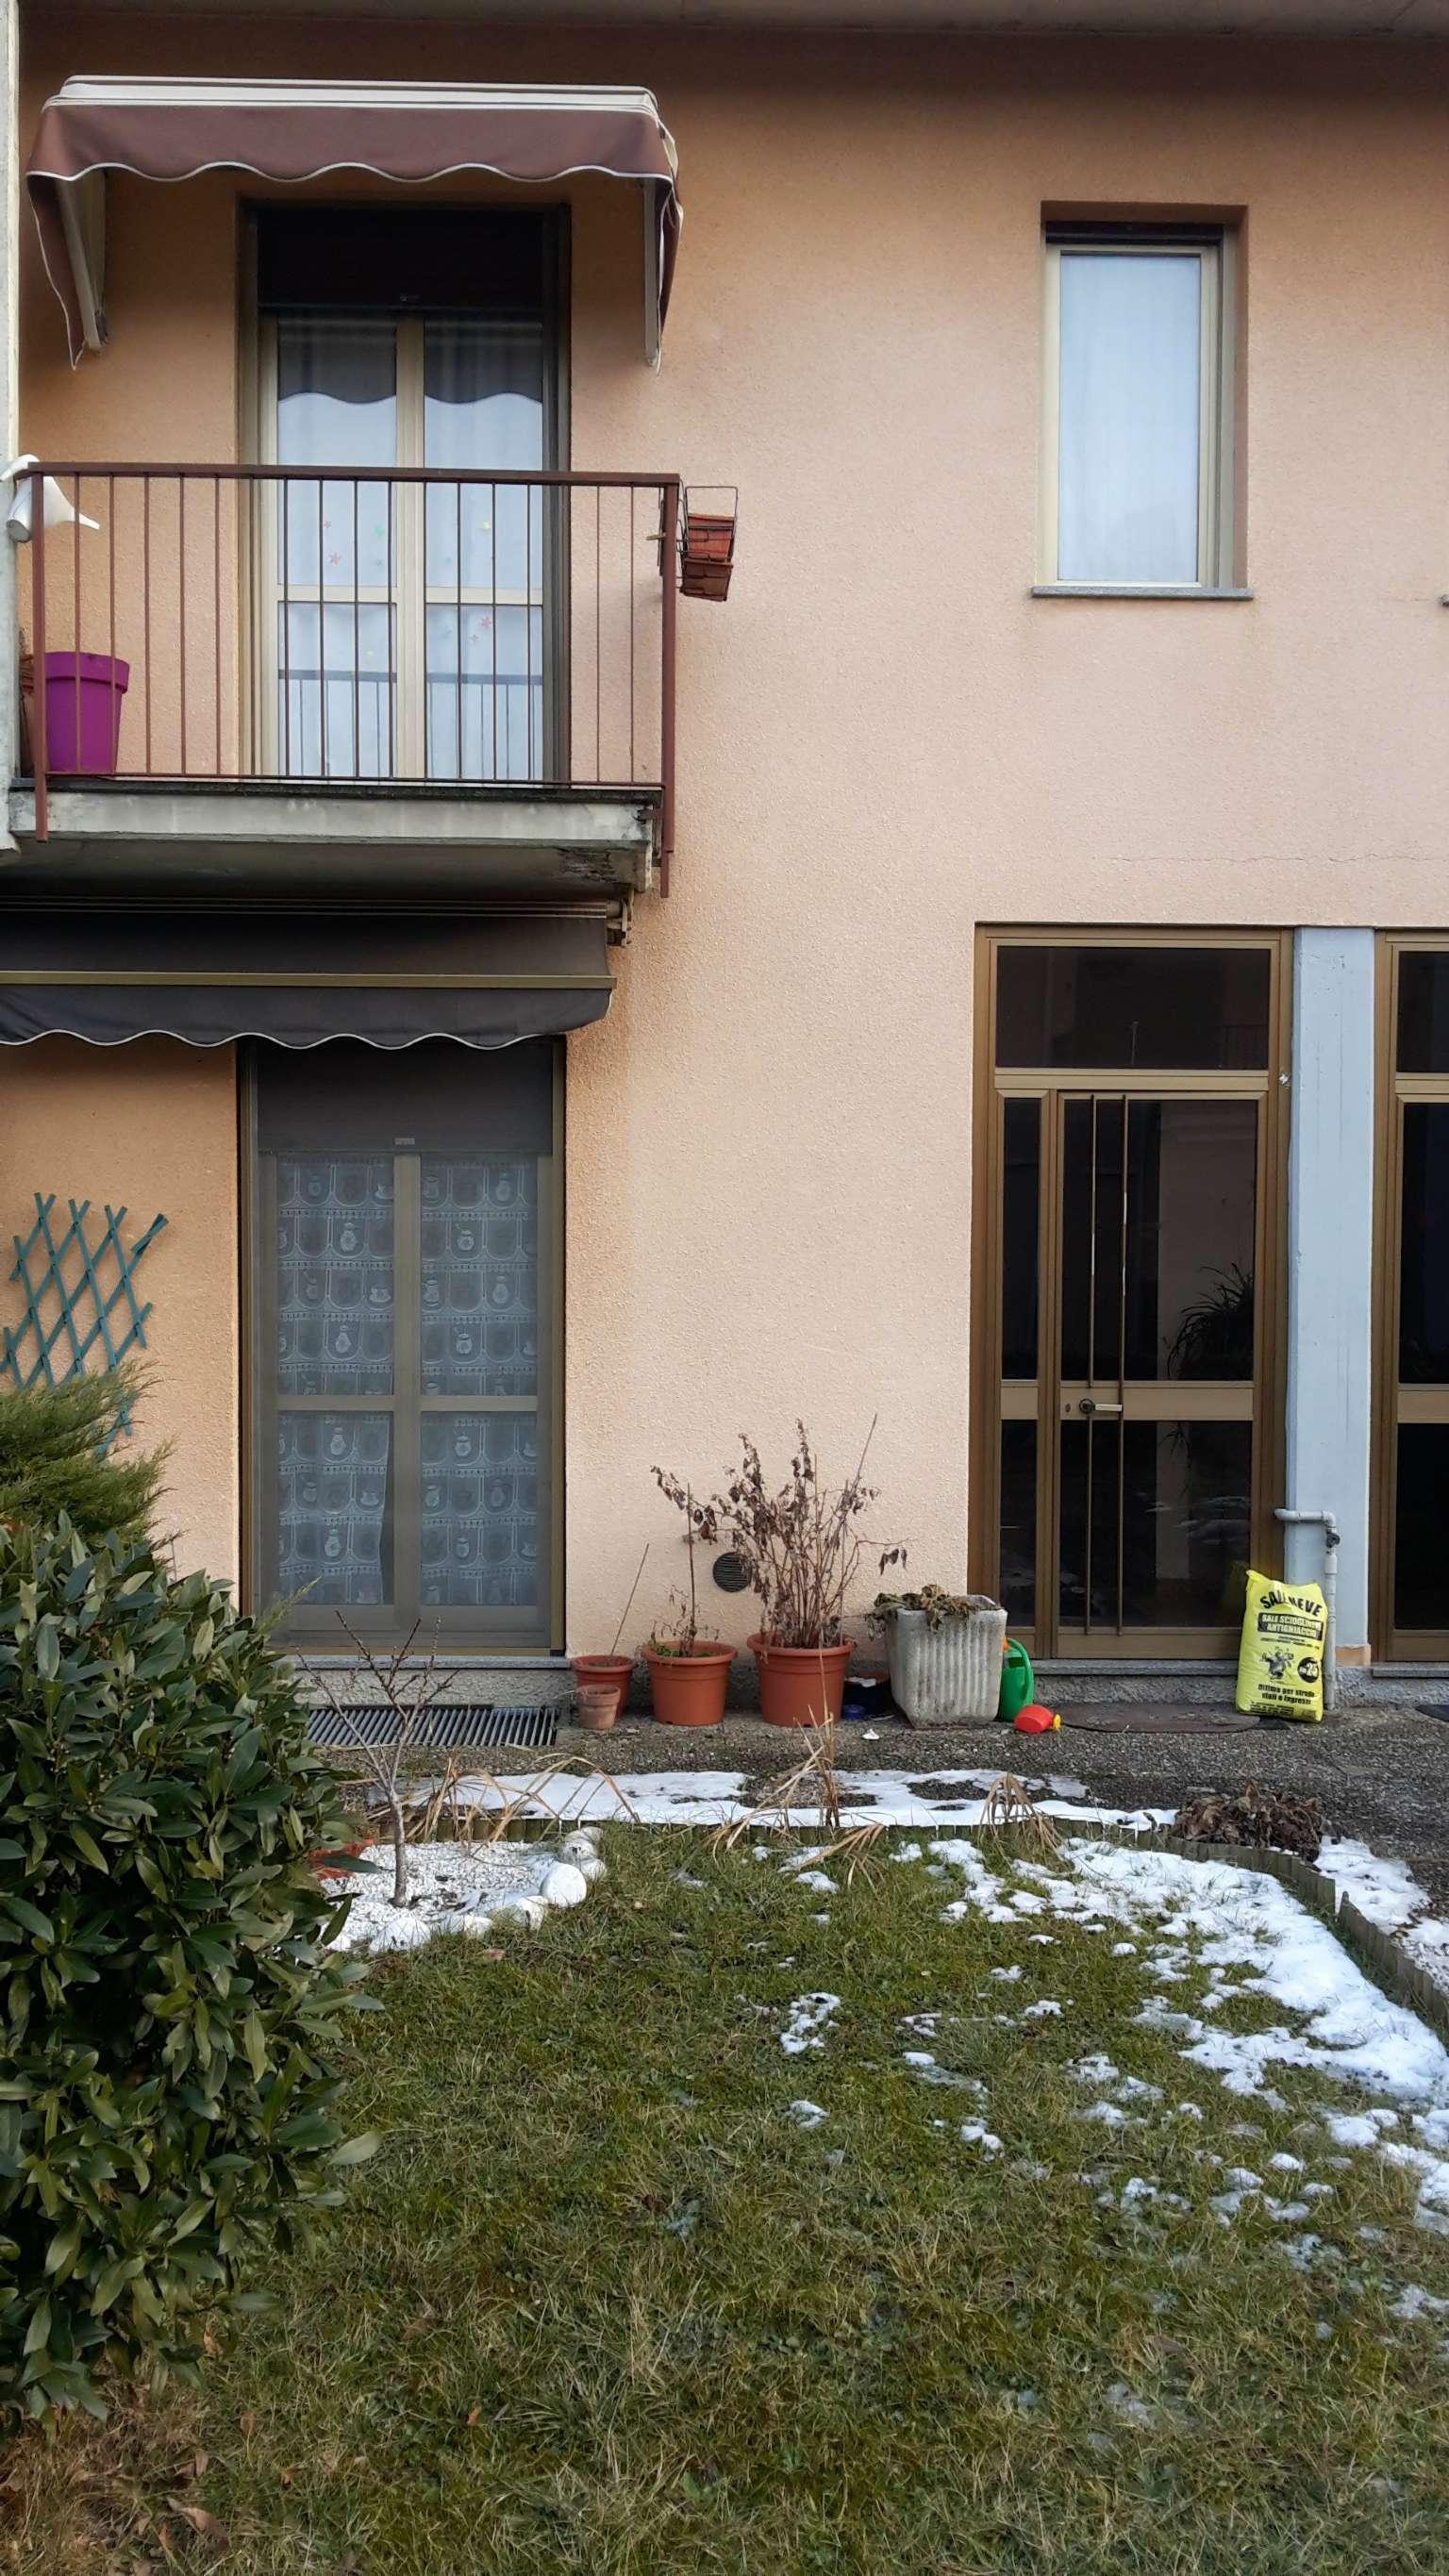 Palazzo / Stabile in vendita a Venegono Inferiore, 3 locali, prezzo € 165.000 | Cambio Casa.it